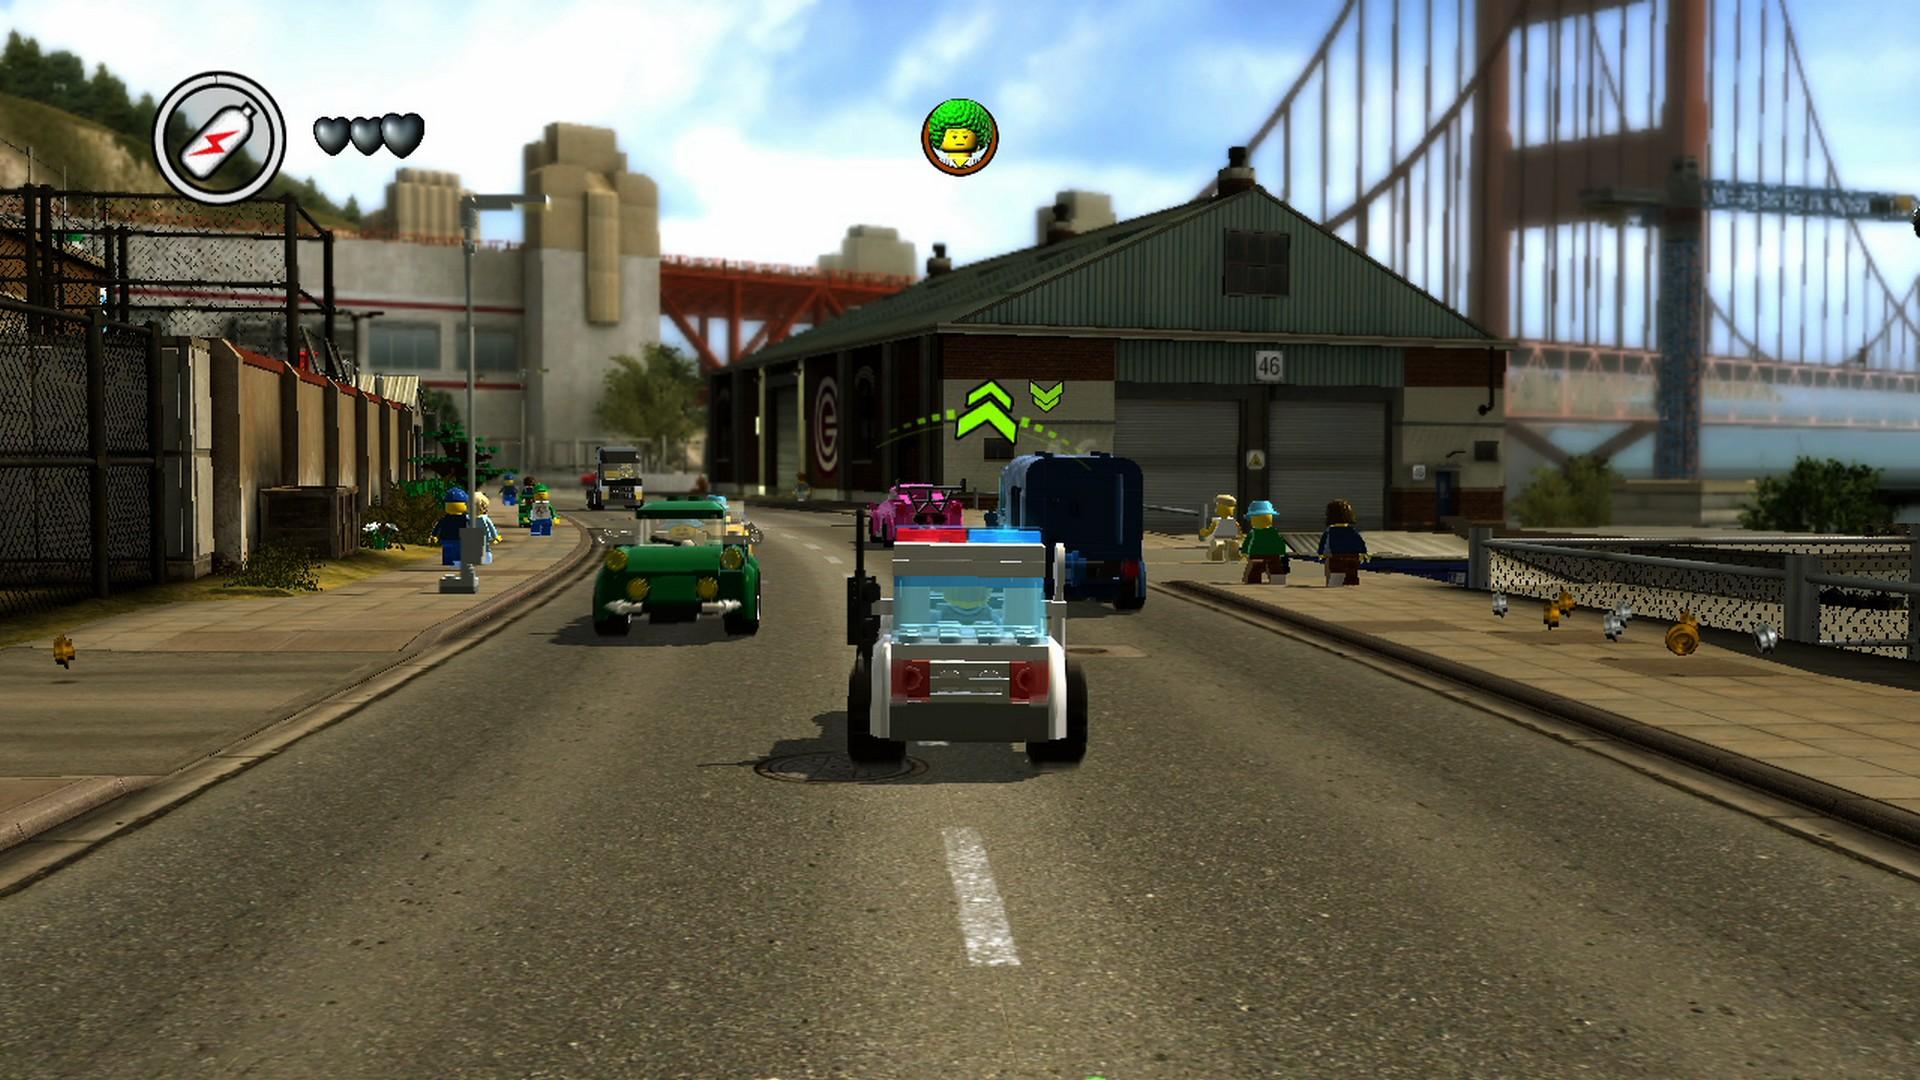 Lego city прохождения игры